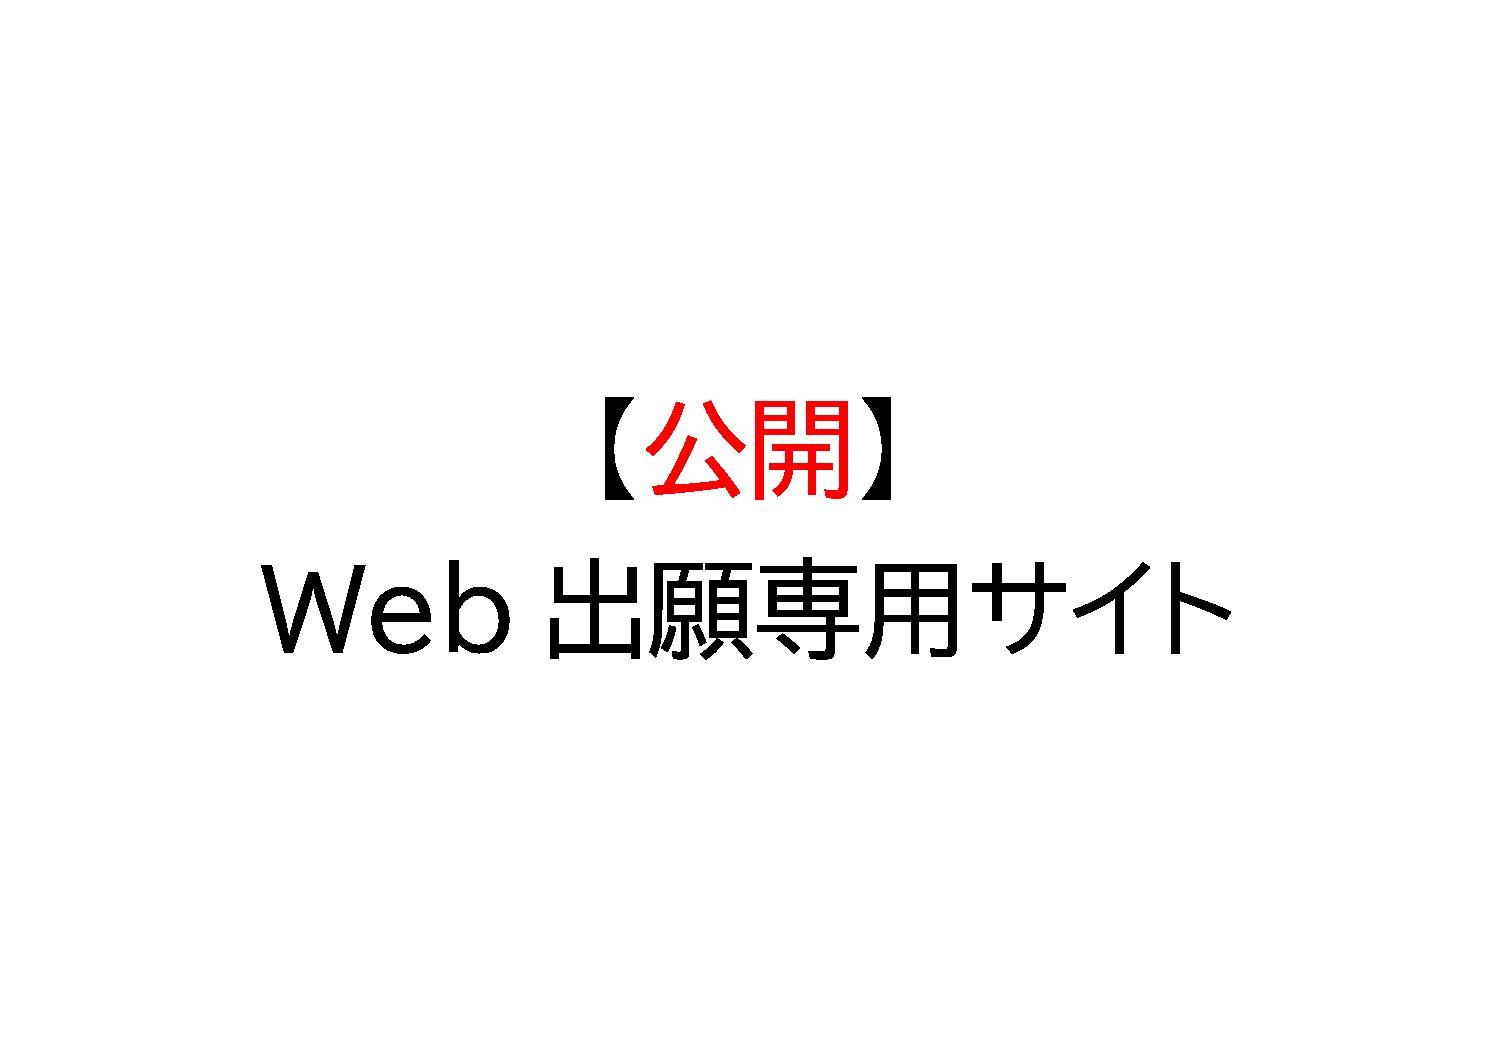 Web出願専用サイトを公開しました サムネイル